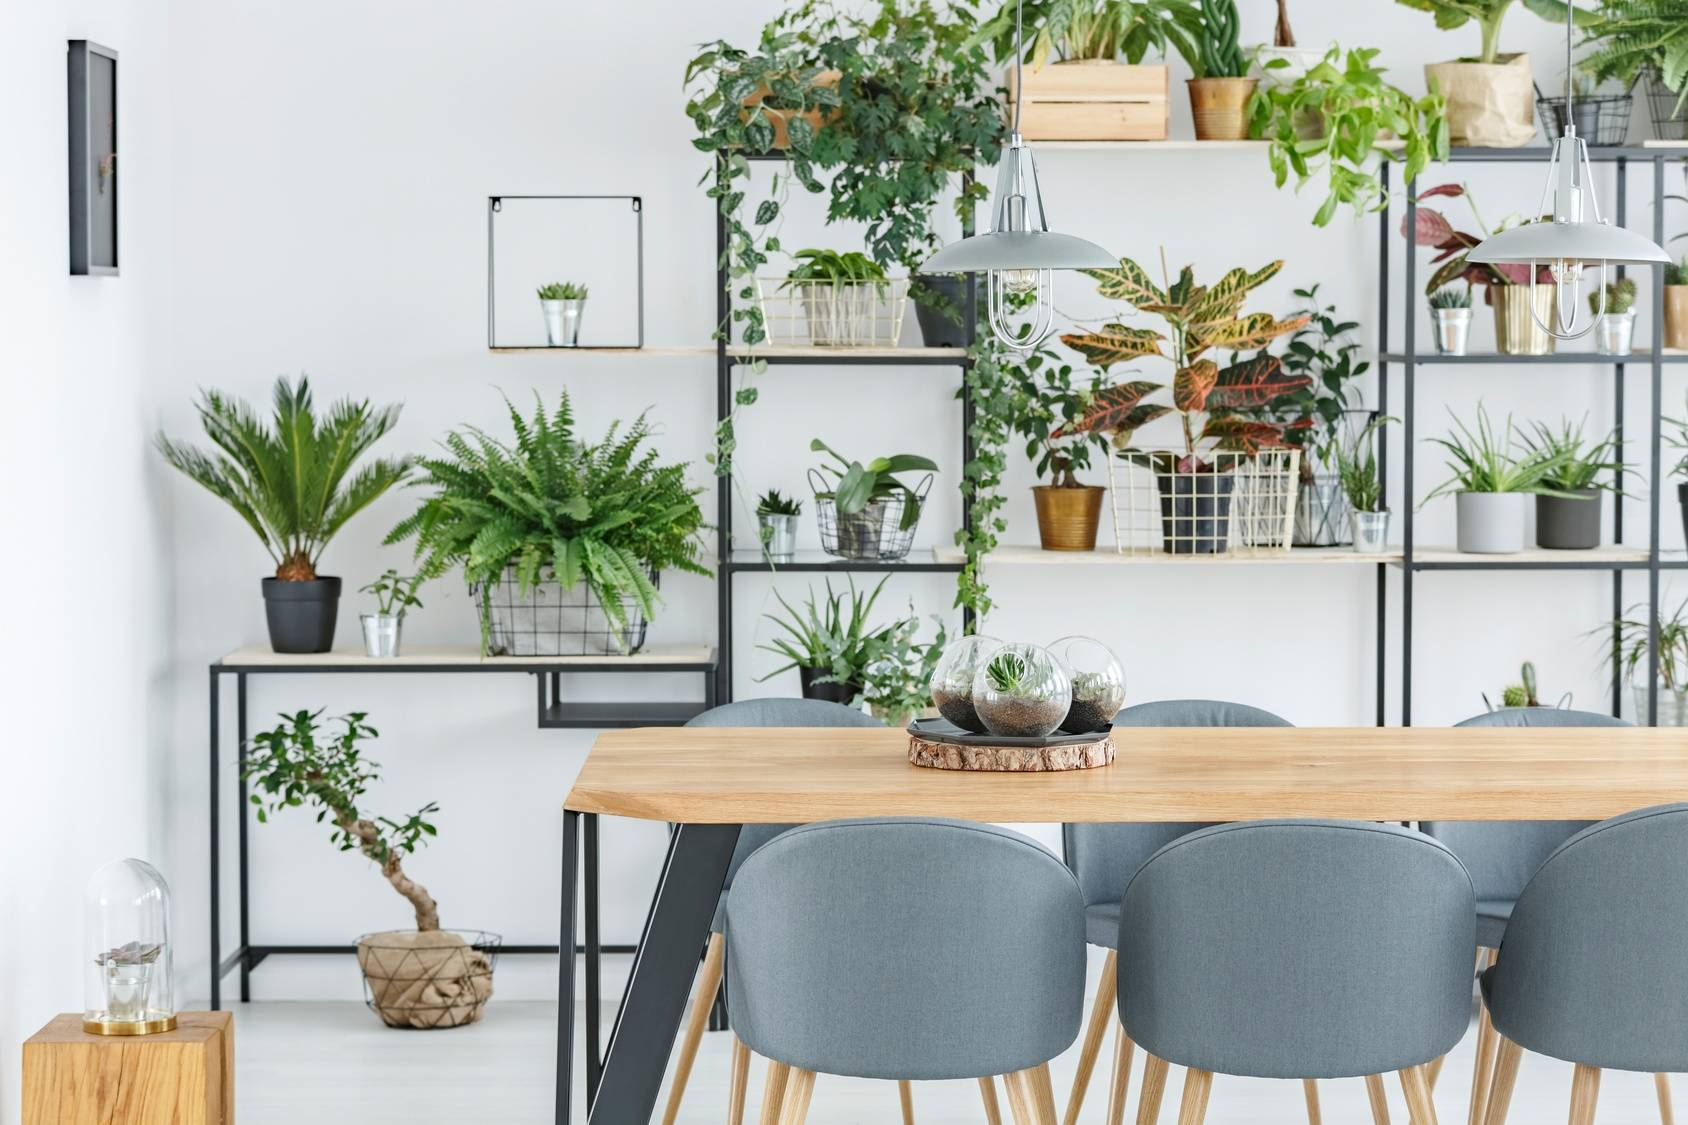 Trujące rośliny doniczkowe popularne wśród roślin domowych. Designerskie wnętrze - drewniany stół jadalniany z szrymi krzesłami, w tle nowoczesna meblościanka, na której stoi mnóstwo kwiatów doniczkowych.